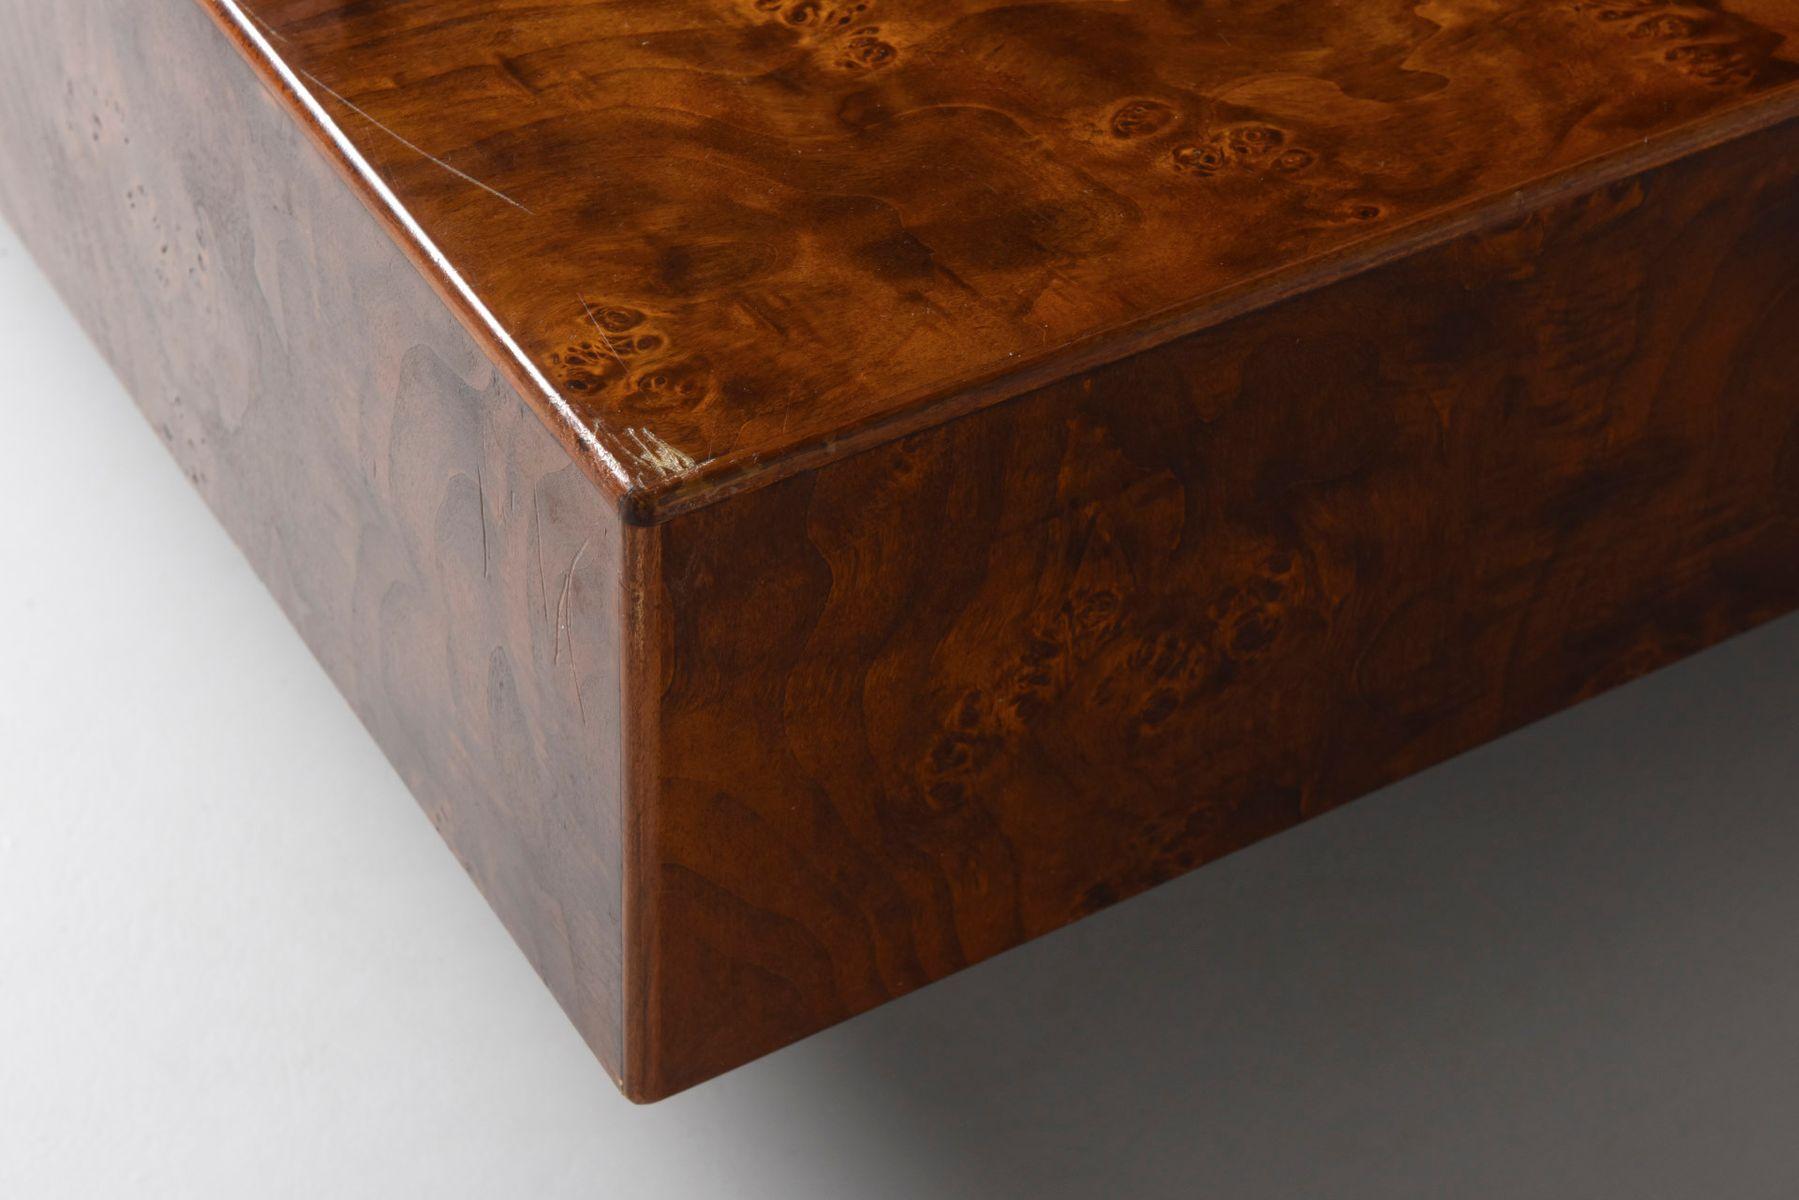 niedriger vintage tisch aus wurzelholz bei pamono kaufen. Black Bedroom Furniture Sets. Home Design Ideas